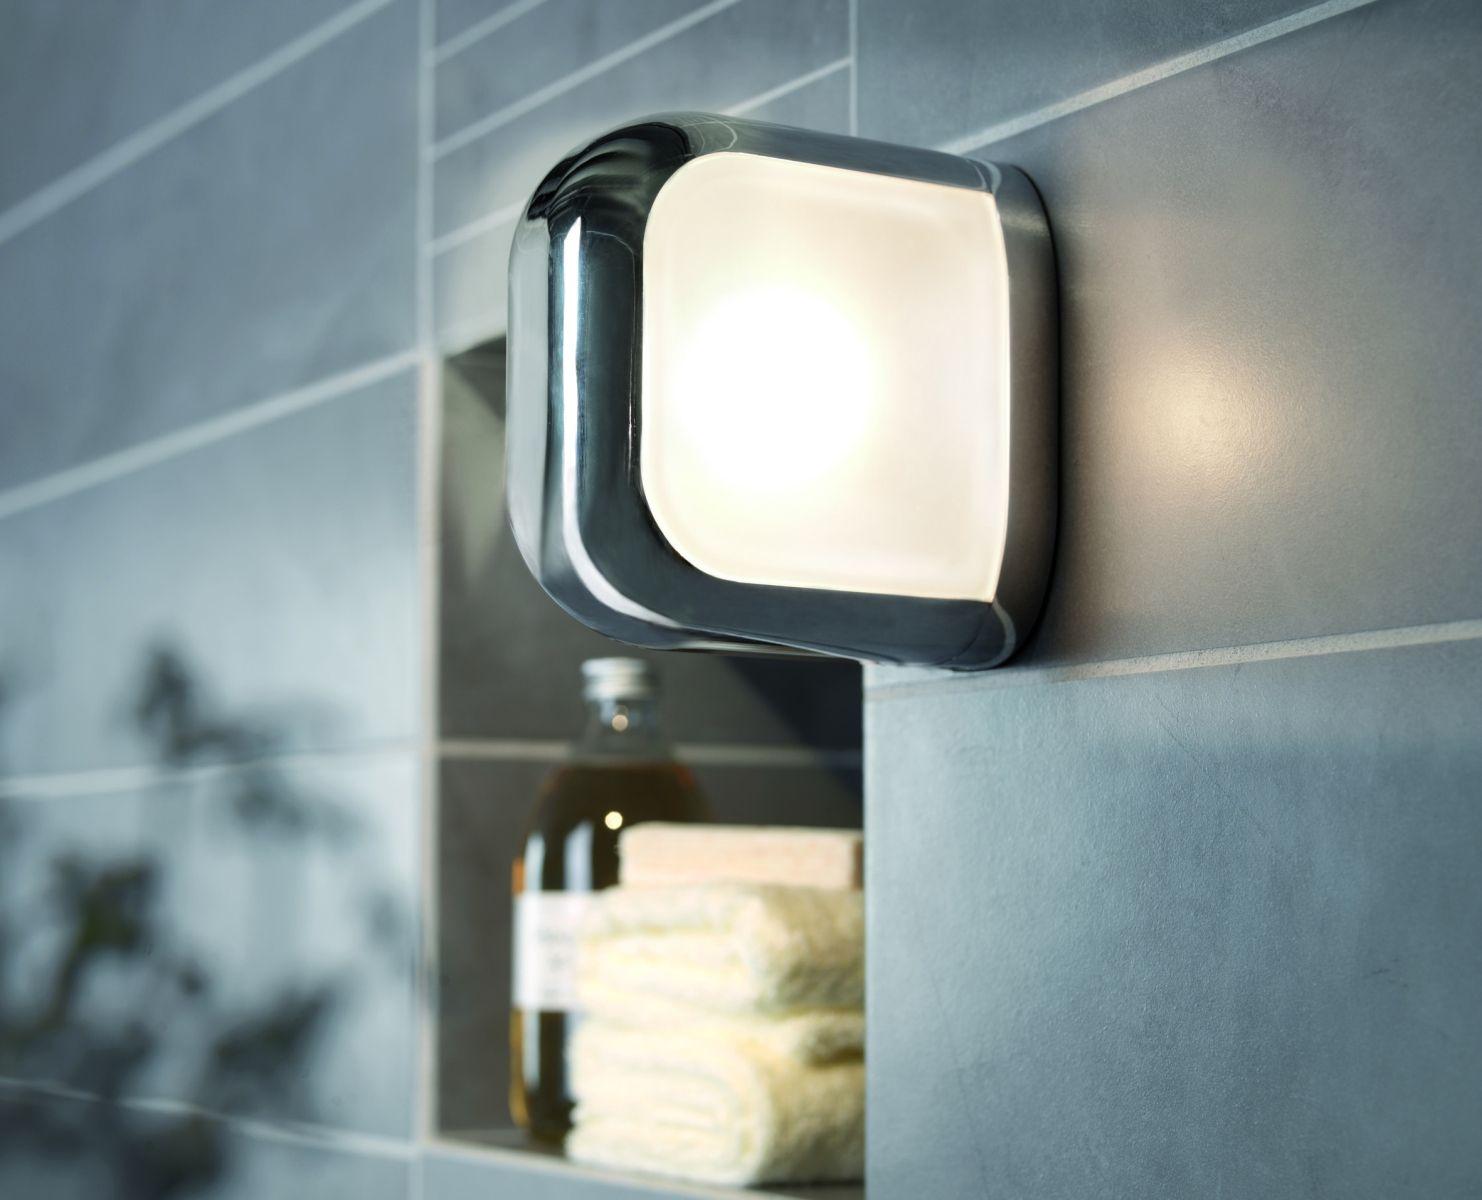 Badezimmer leuchte ~ Herstal zinta hochwertige dänische badezimmerleuchte zulassung